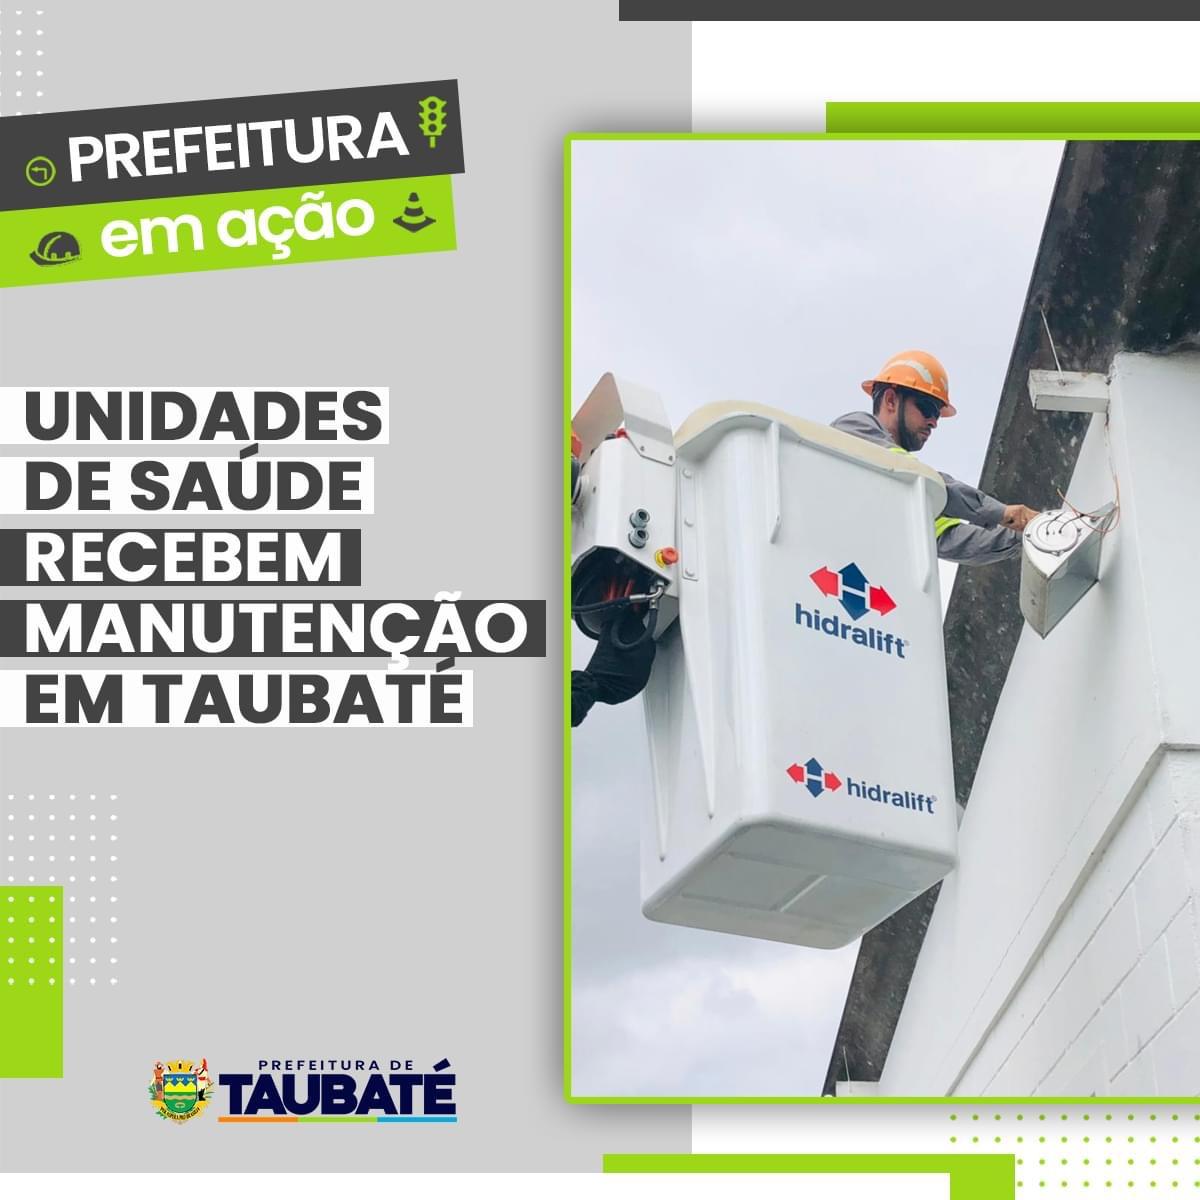 Unidades de Saúde recebem manutenção em Taubaté